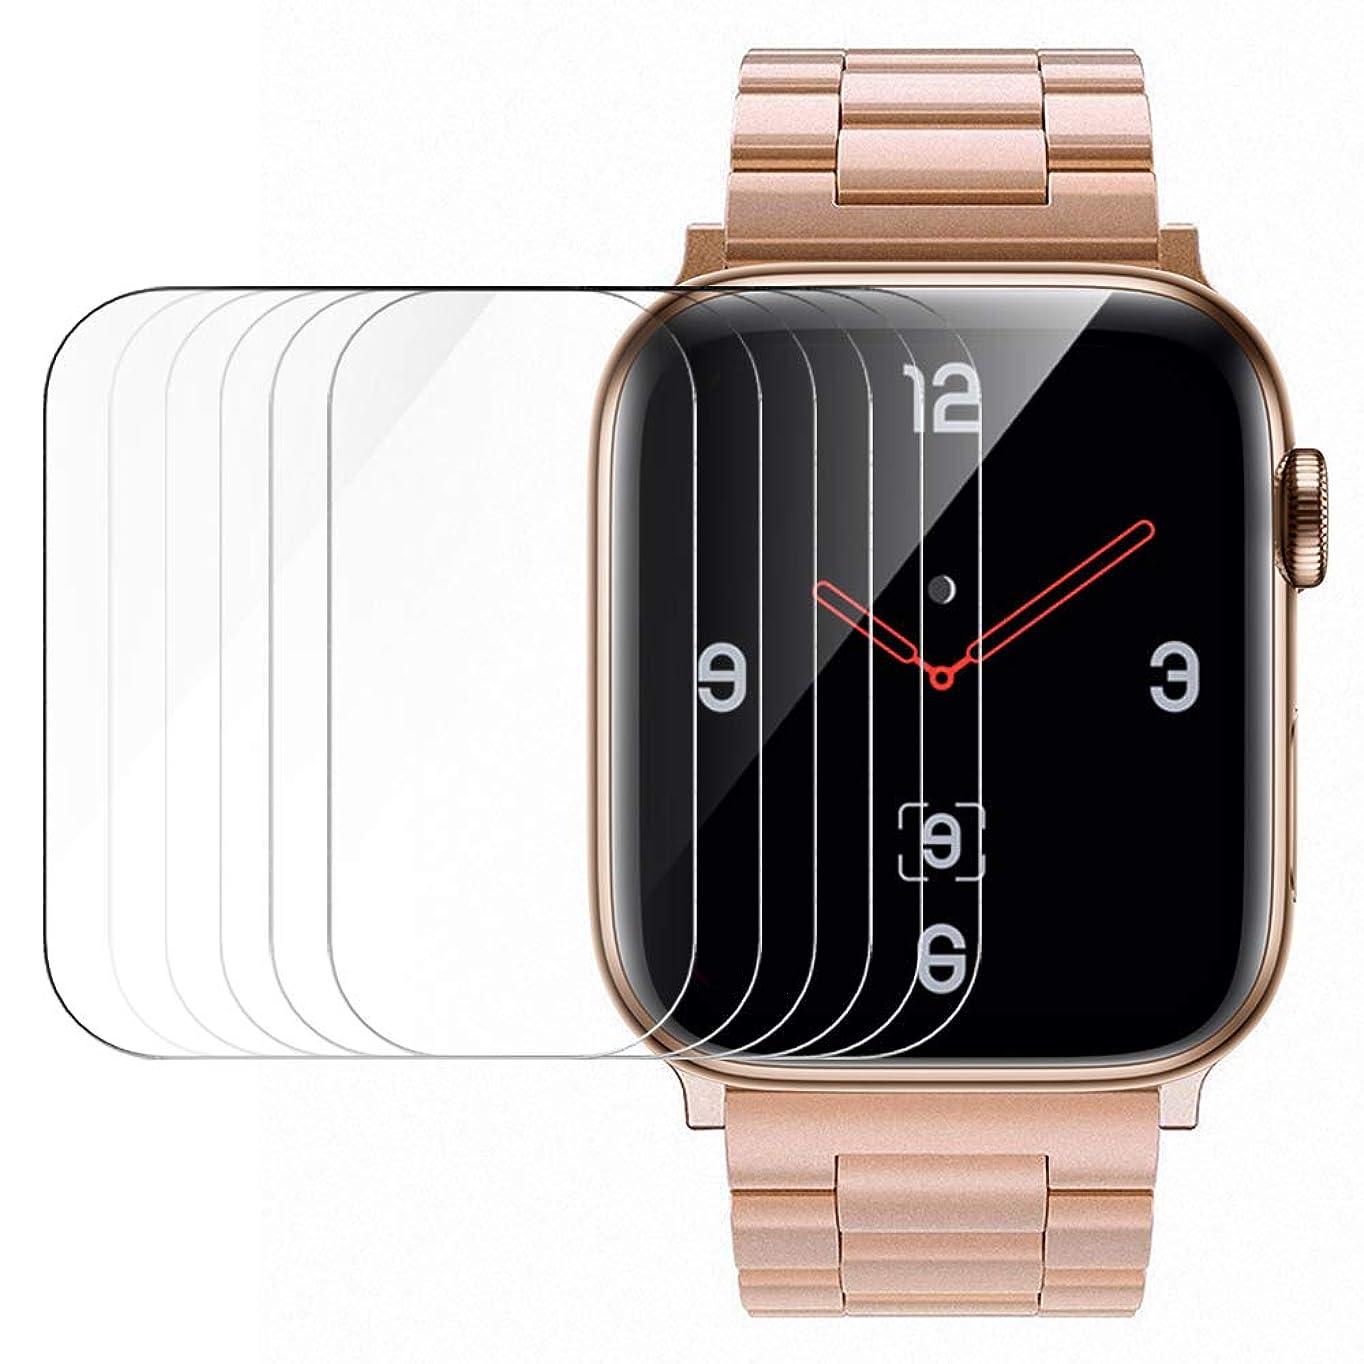 ばかげているサーマル疲労Simpeak【6枚入り】Apple Watch 40mm 対応 フィルム Apple Watch 5 / 4 適応 保護フィルム 40mm 高透過率 耐指紋 気泡防止 傷防止 TPU製 アップルウォッチ Series 4/5 適応 フィルム (40MM)